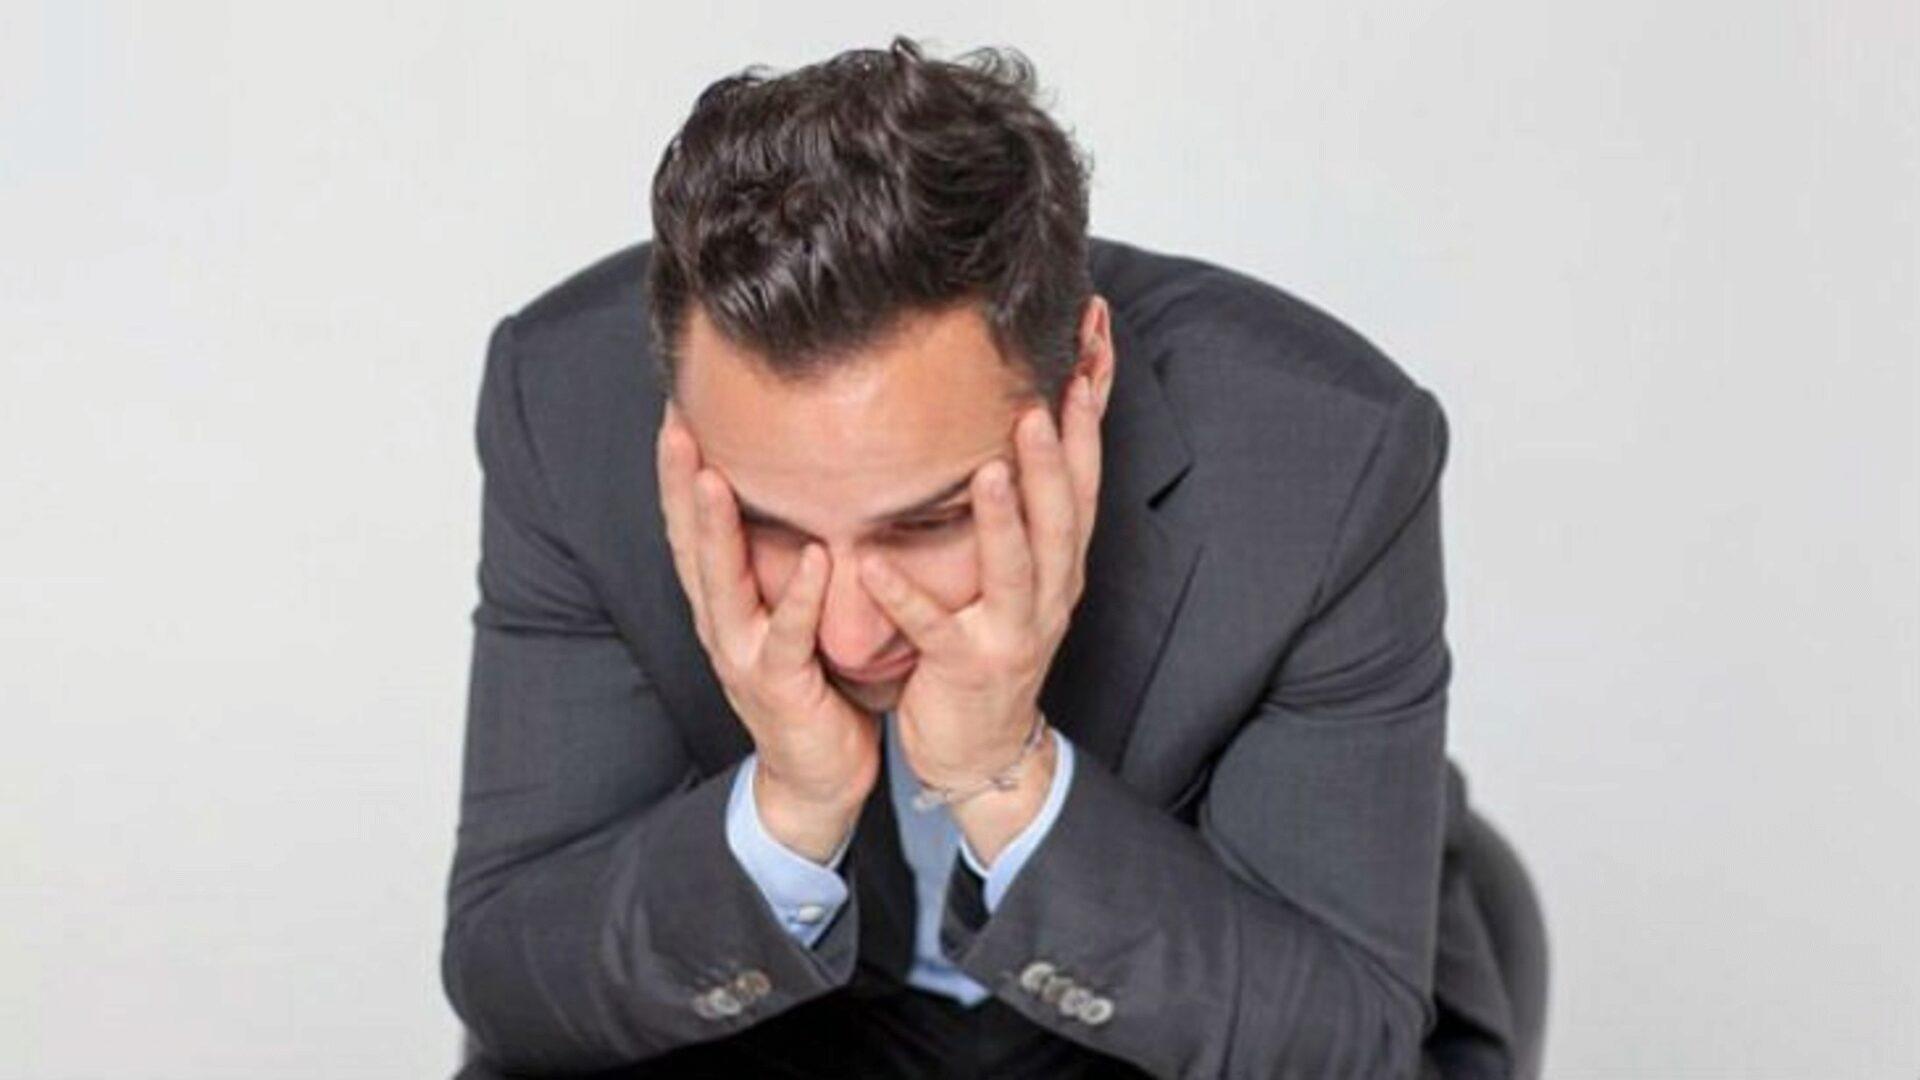 В 30 лет основная причина кризиса – сомнения в профессиональной сфере